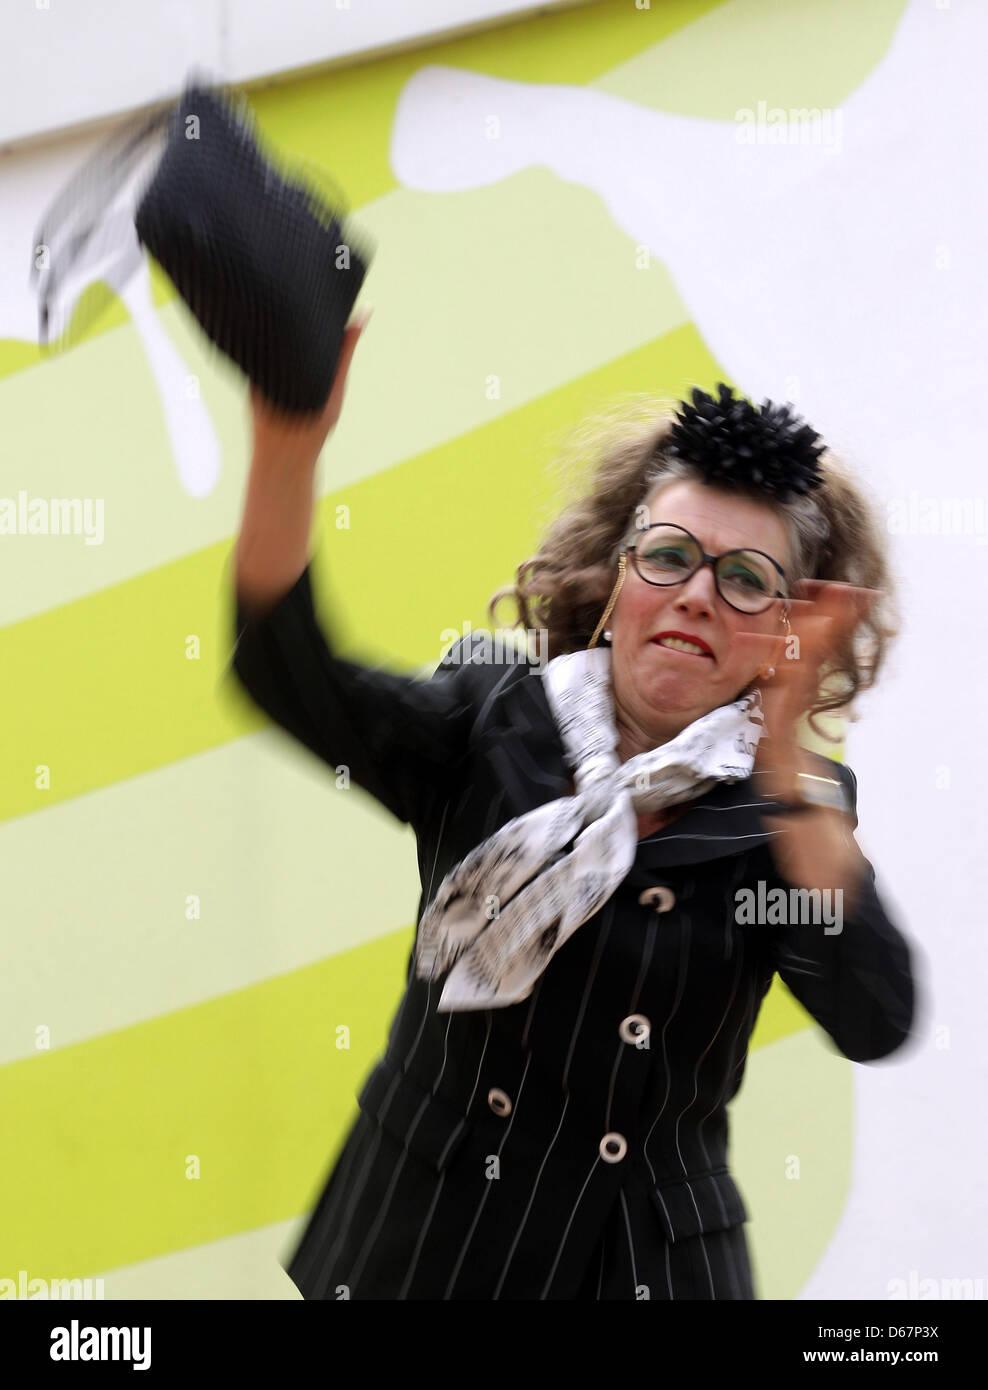 Handtaschen-Weitwurf-Jury-Vorsitzende Irmgard Knüppel schleudert am Dienstag (26.06.2012) in Bottrop im Movie - Stock Image